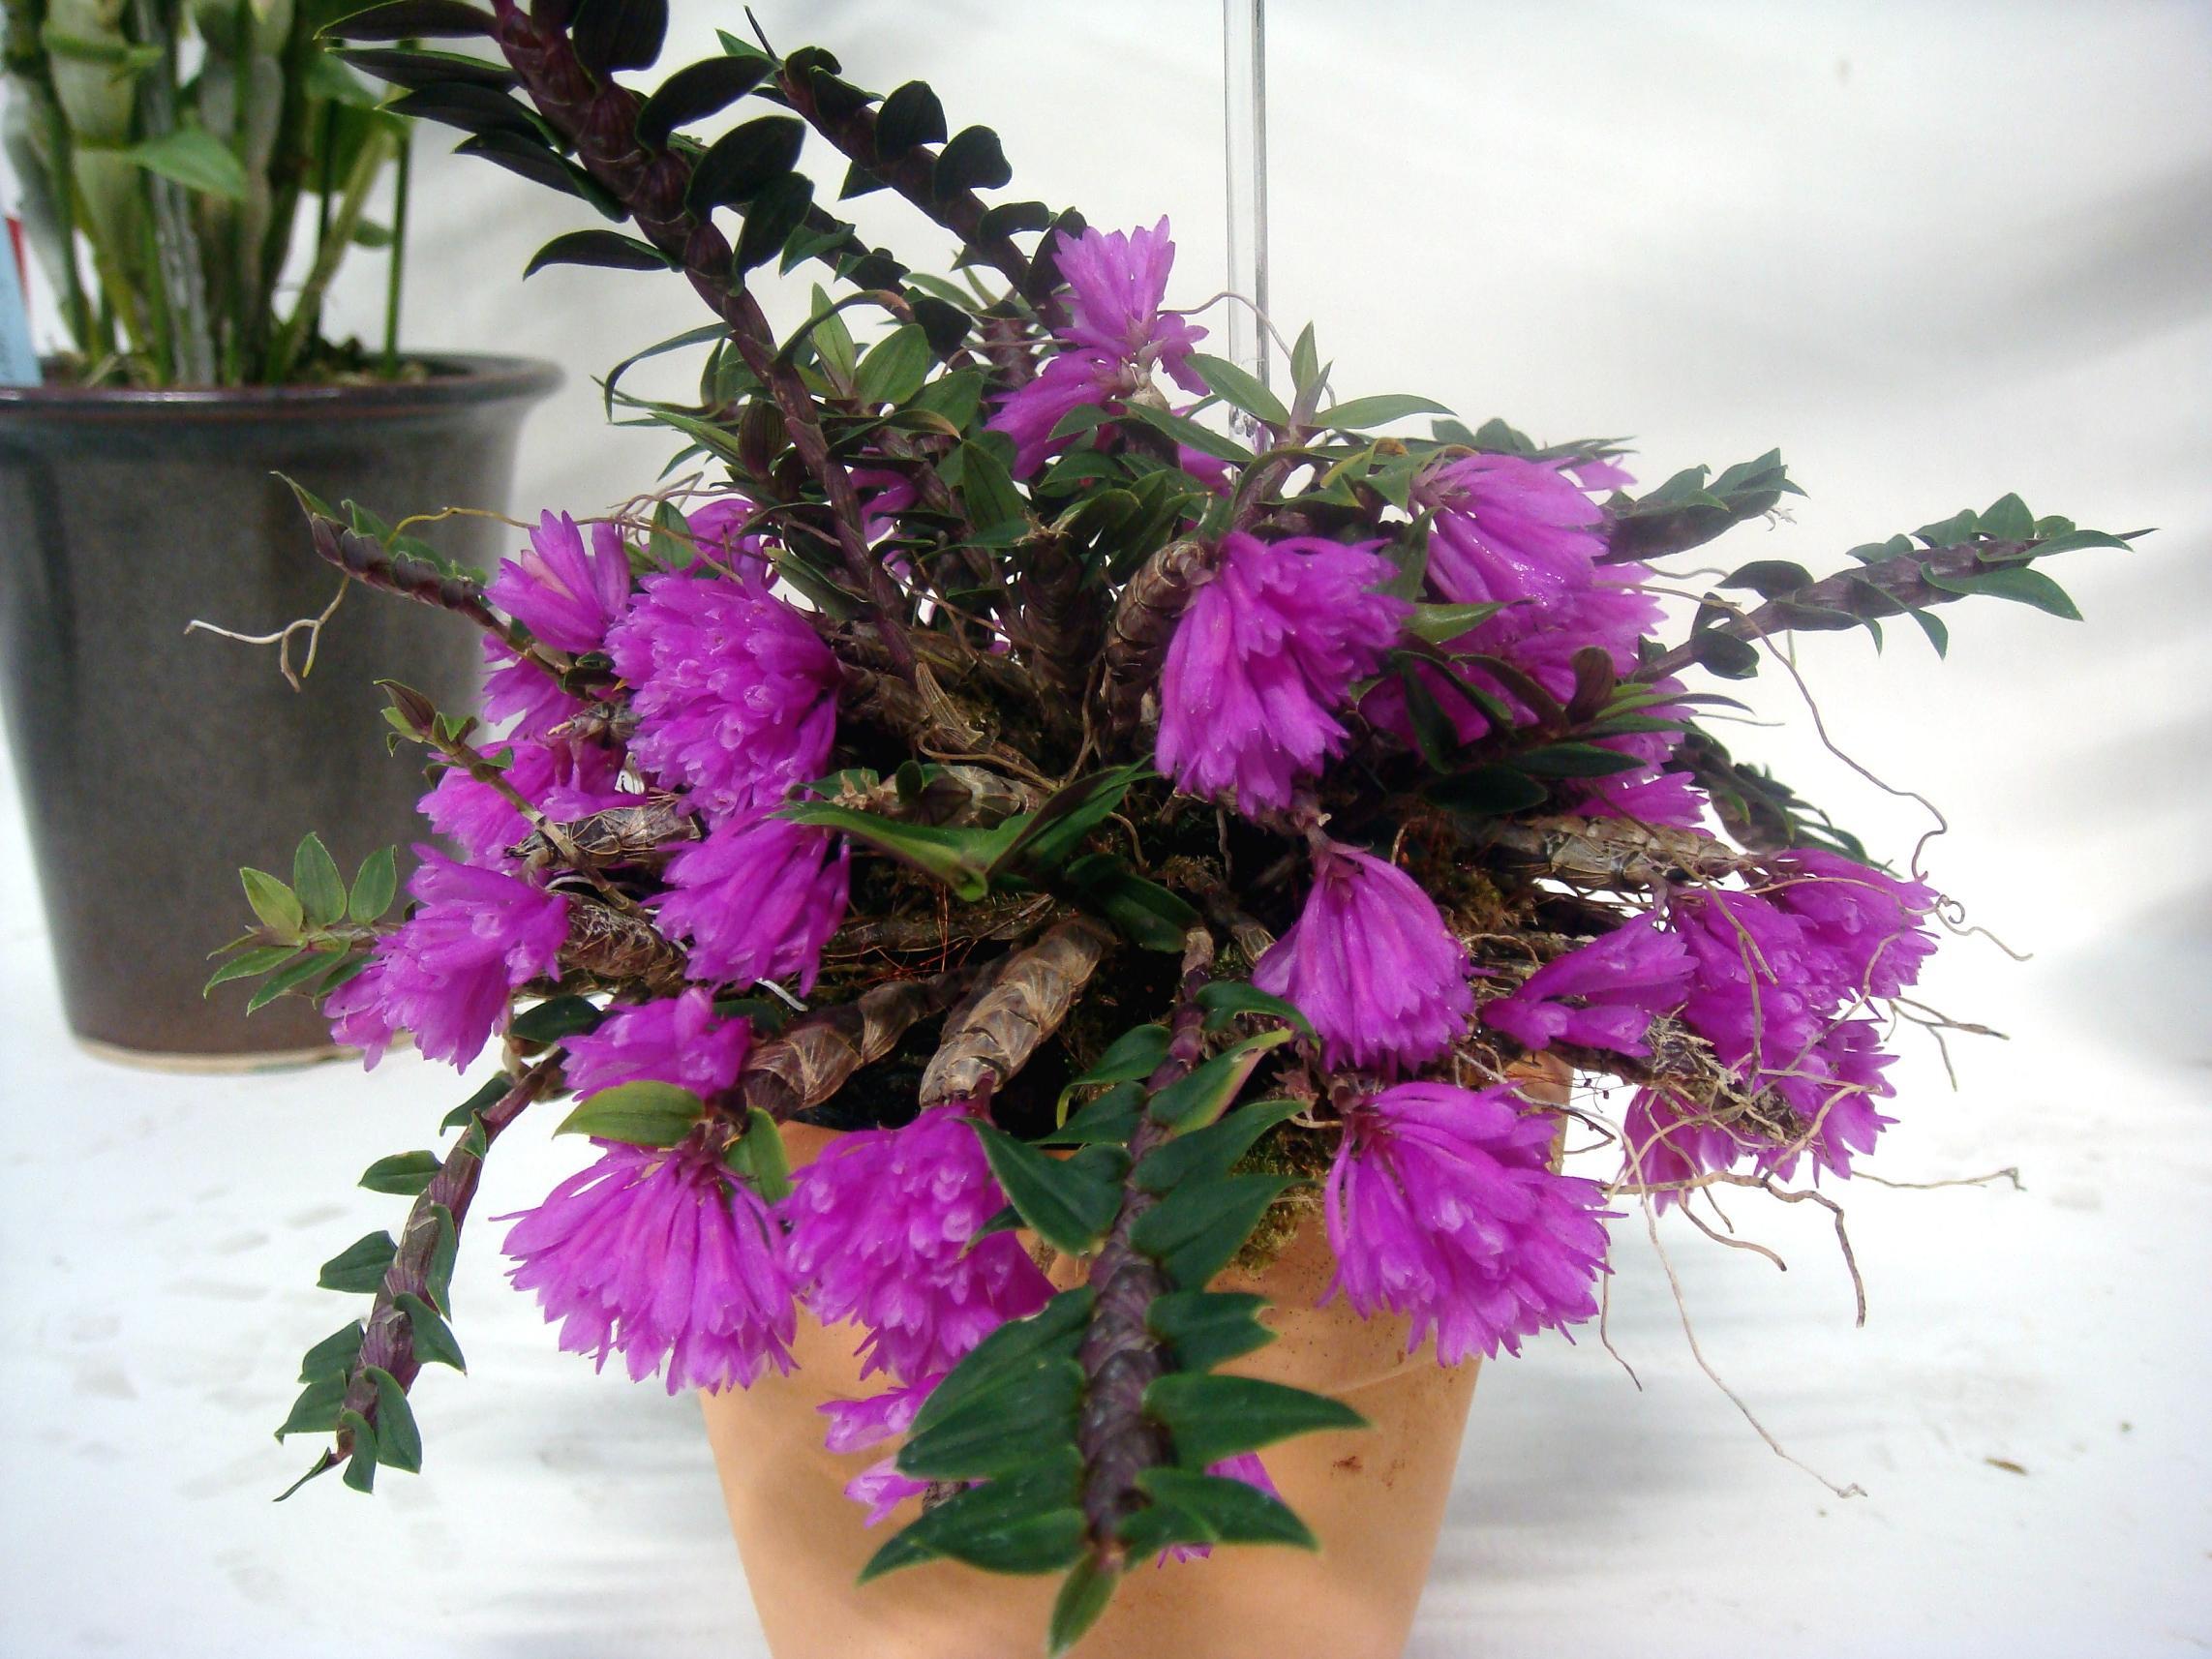 http://orchids.la.coocan.jp/Dendrobium/Dendrobium%20dichaeoides/DSC02293.JPG